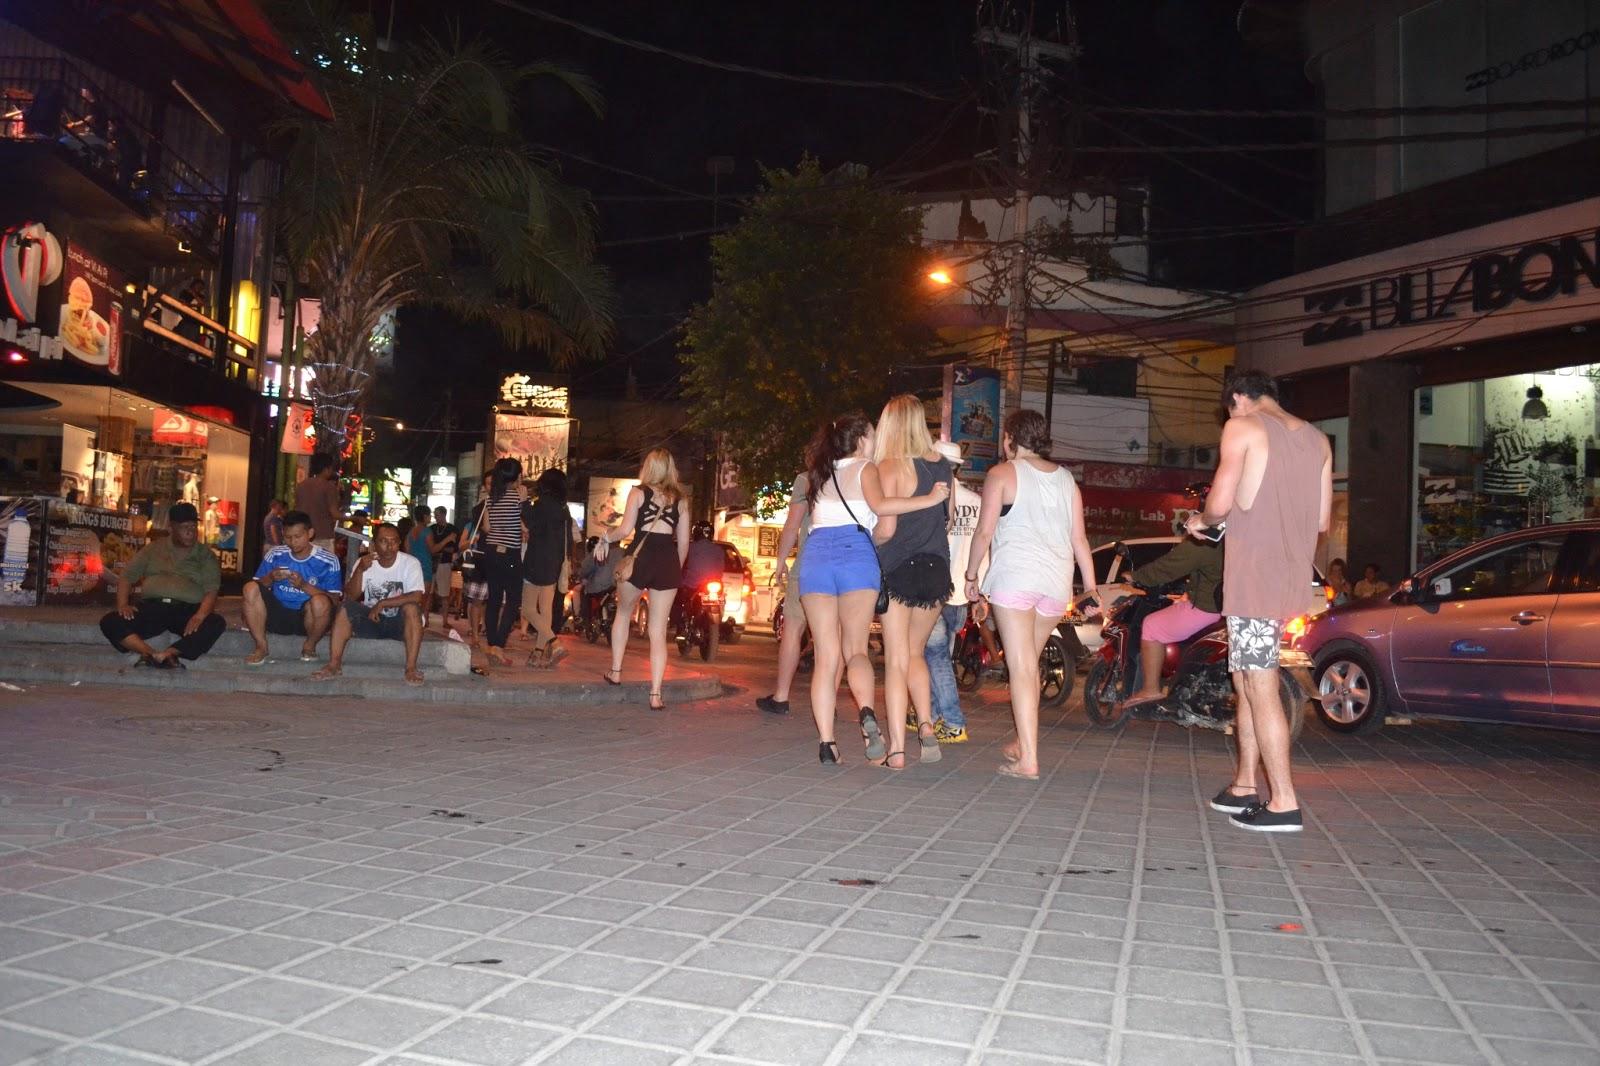 Aries Girl Menikmati Malam Di Legian Bali 9 Desember 2012